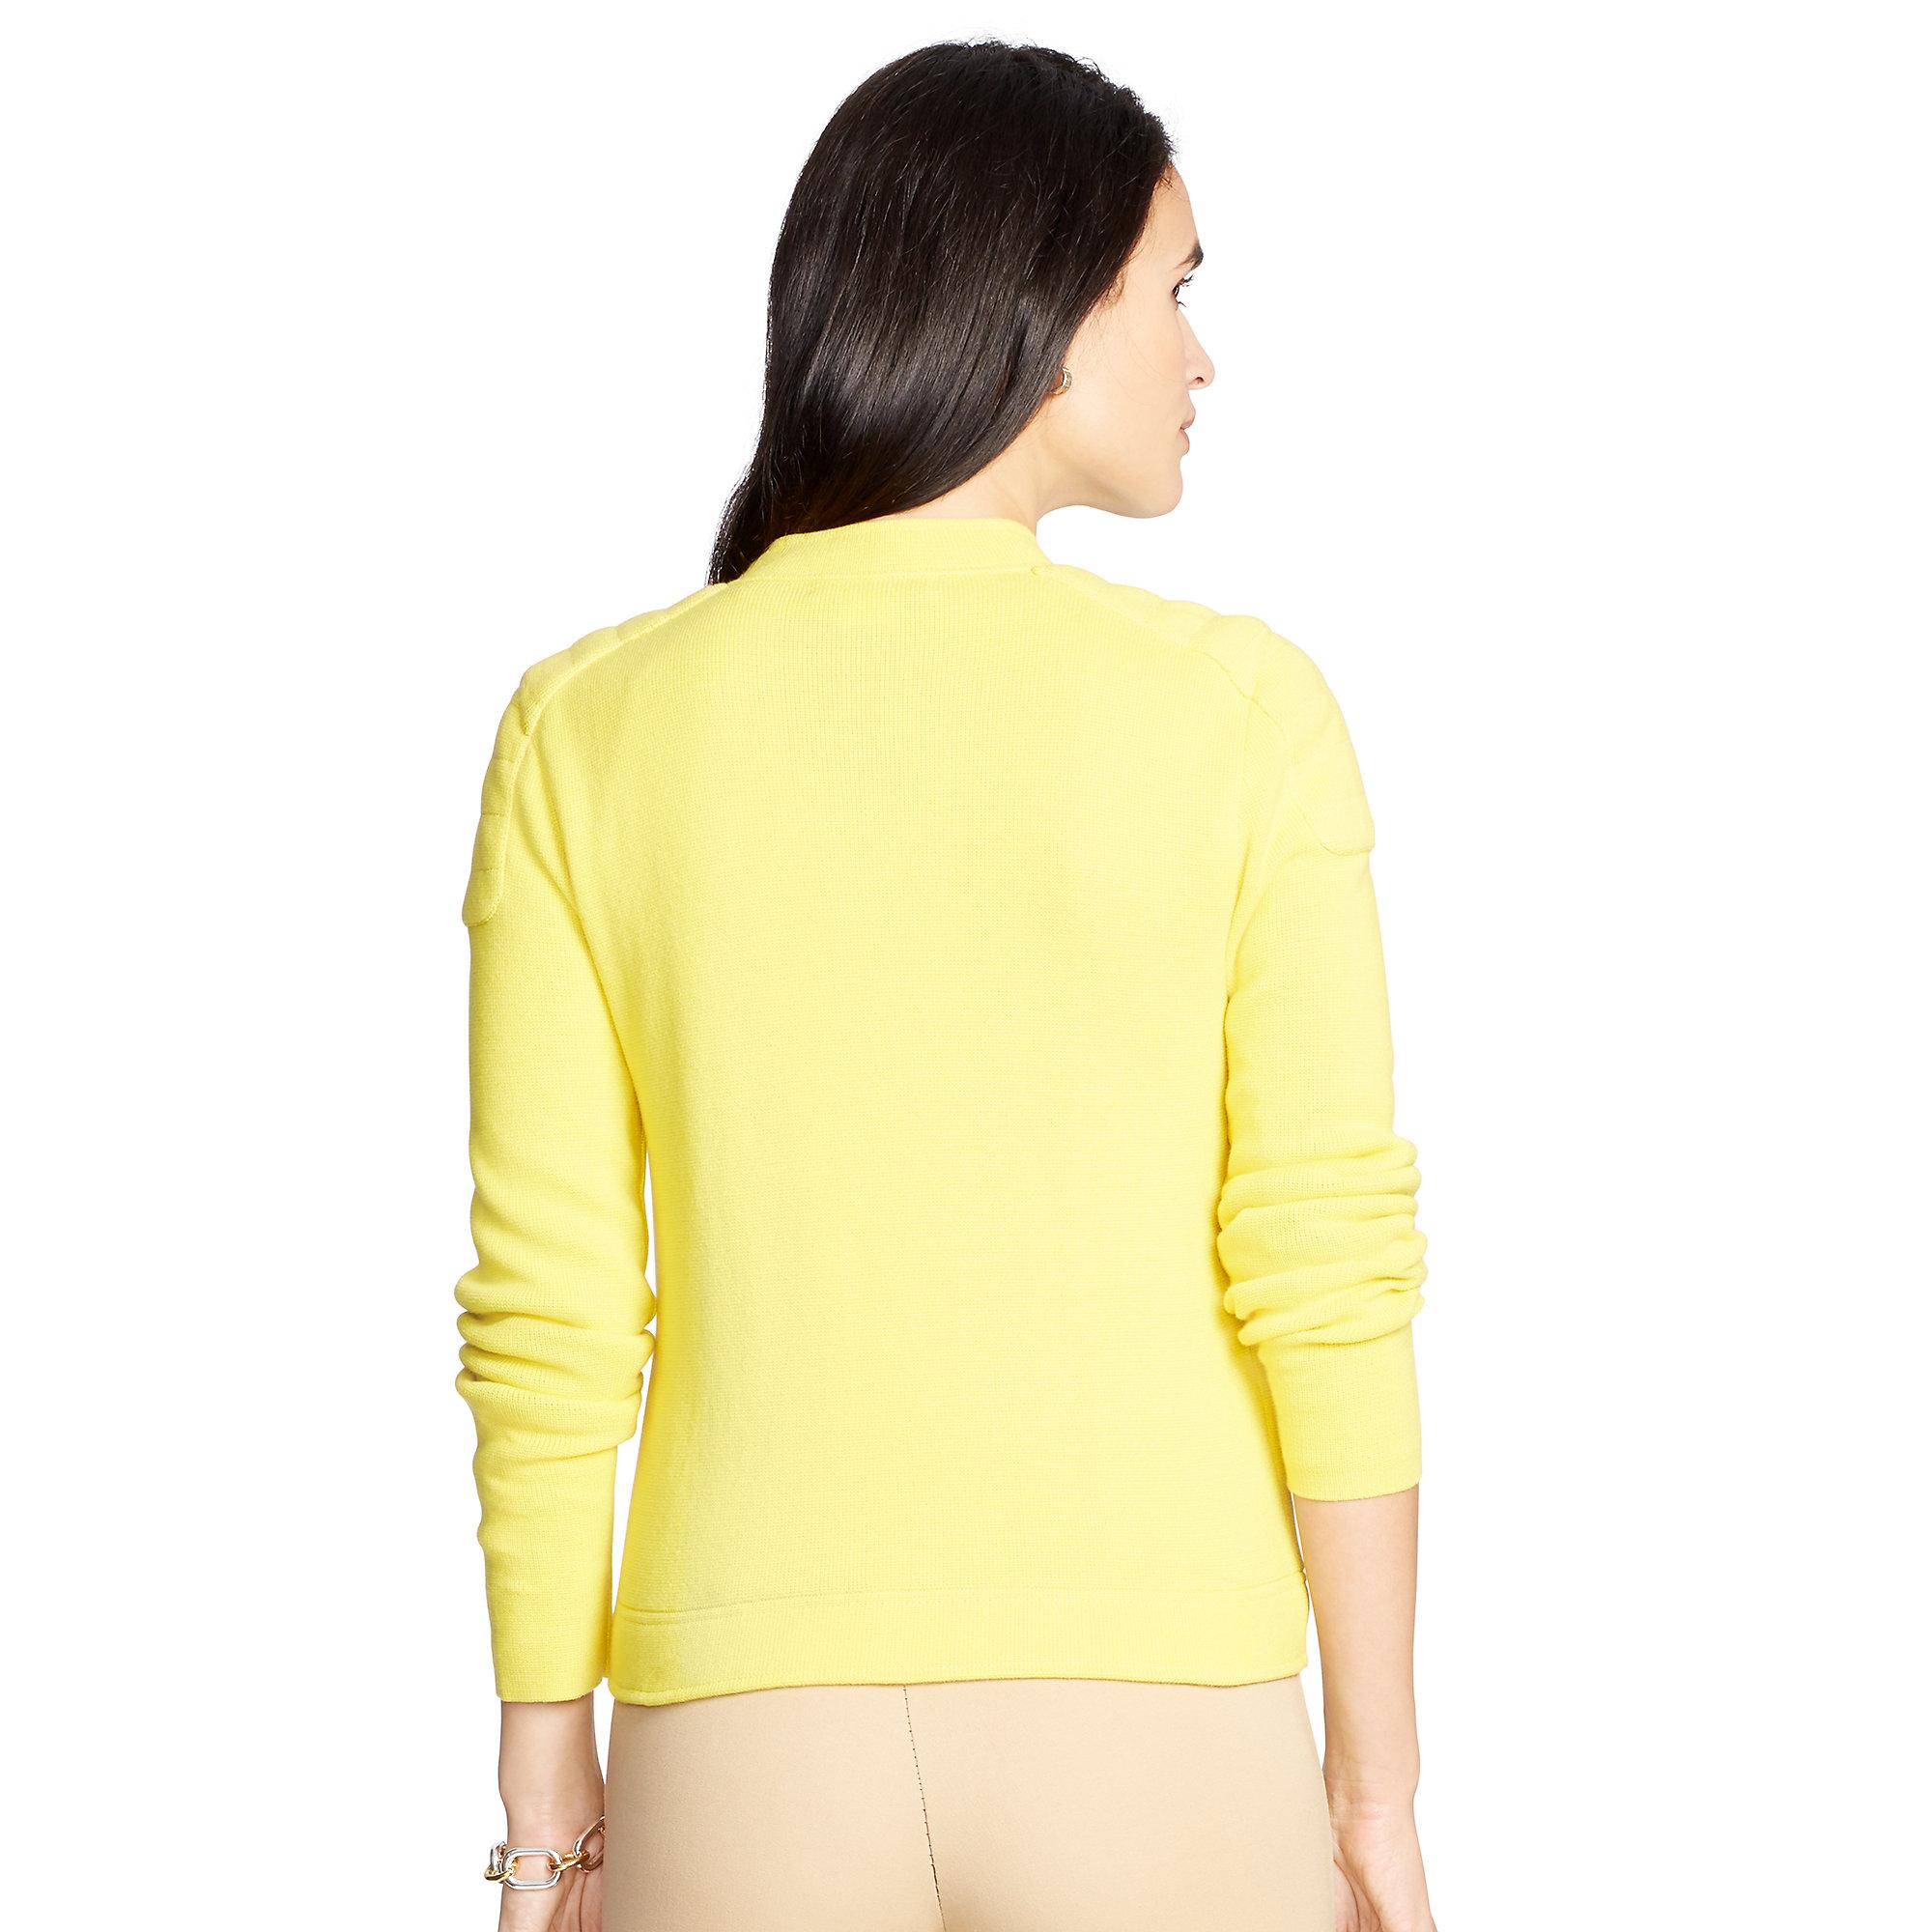 Ralph lauren Moto Cotton Full-zip Sweater in Yellow | Lyst